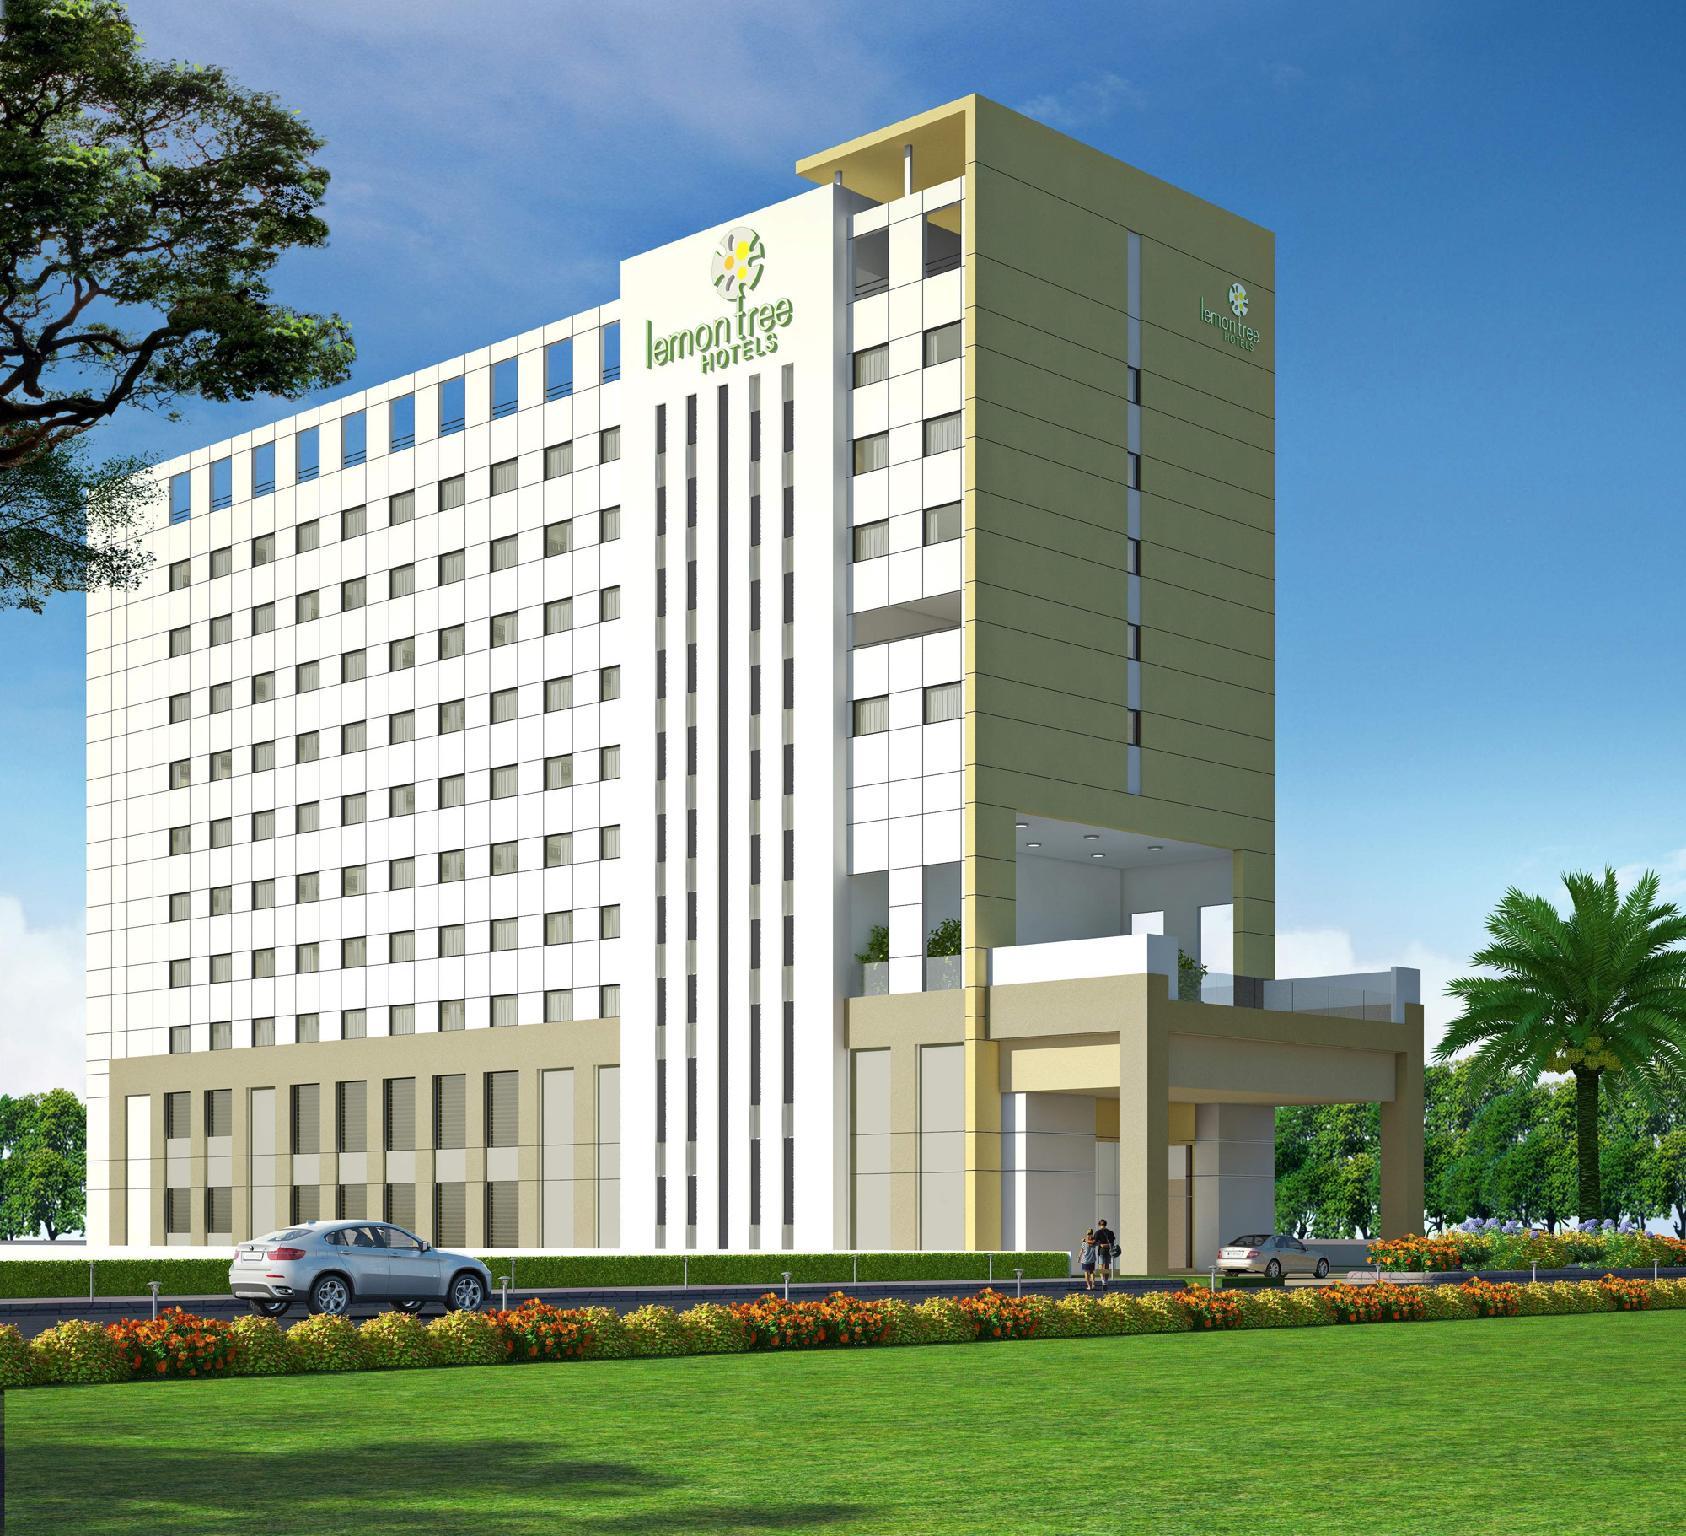 Lemon Tree Hotel Gachibowli Hyderabad India Great Ed Rates